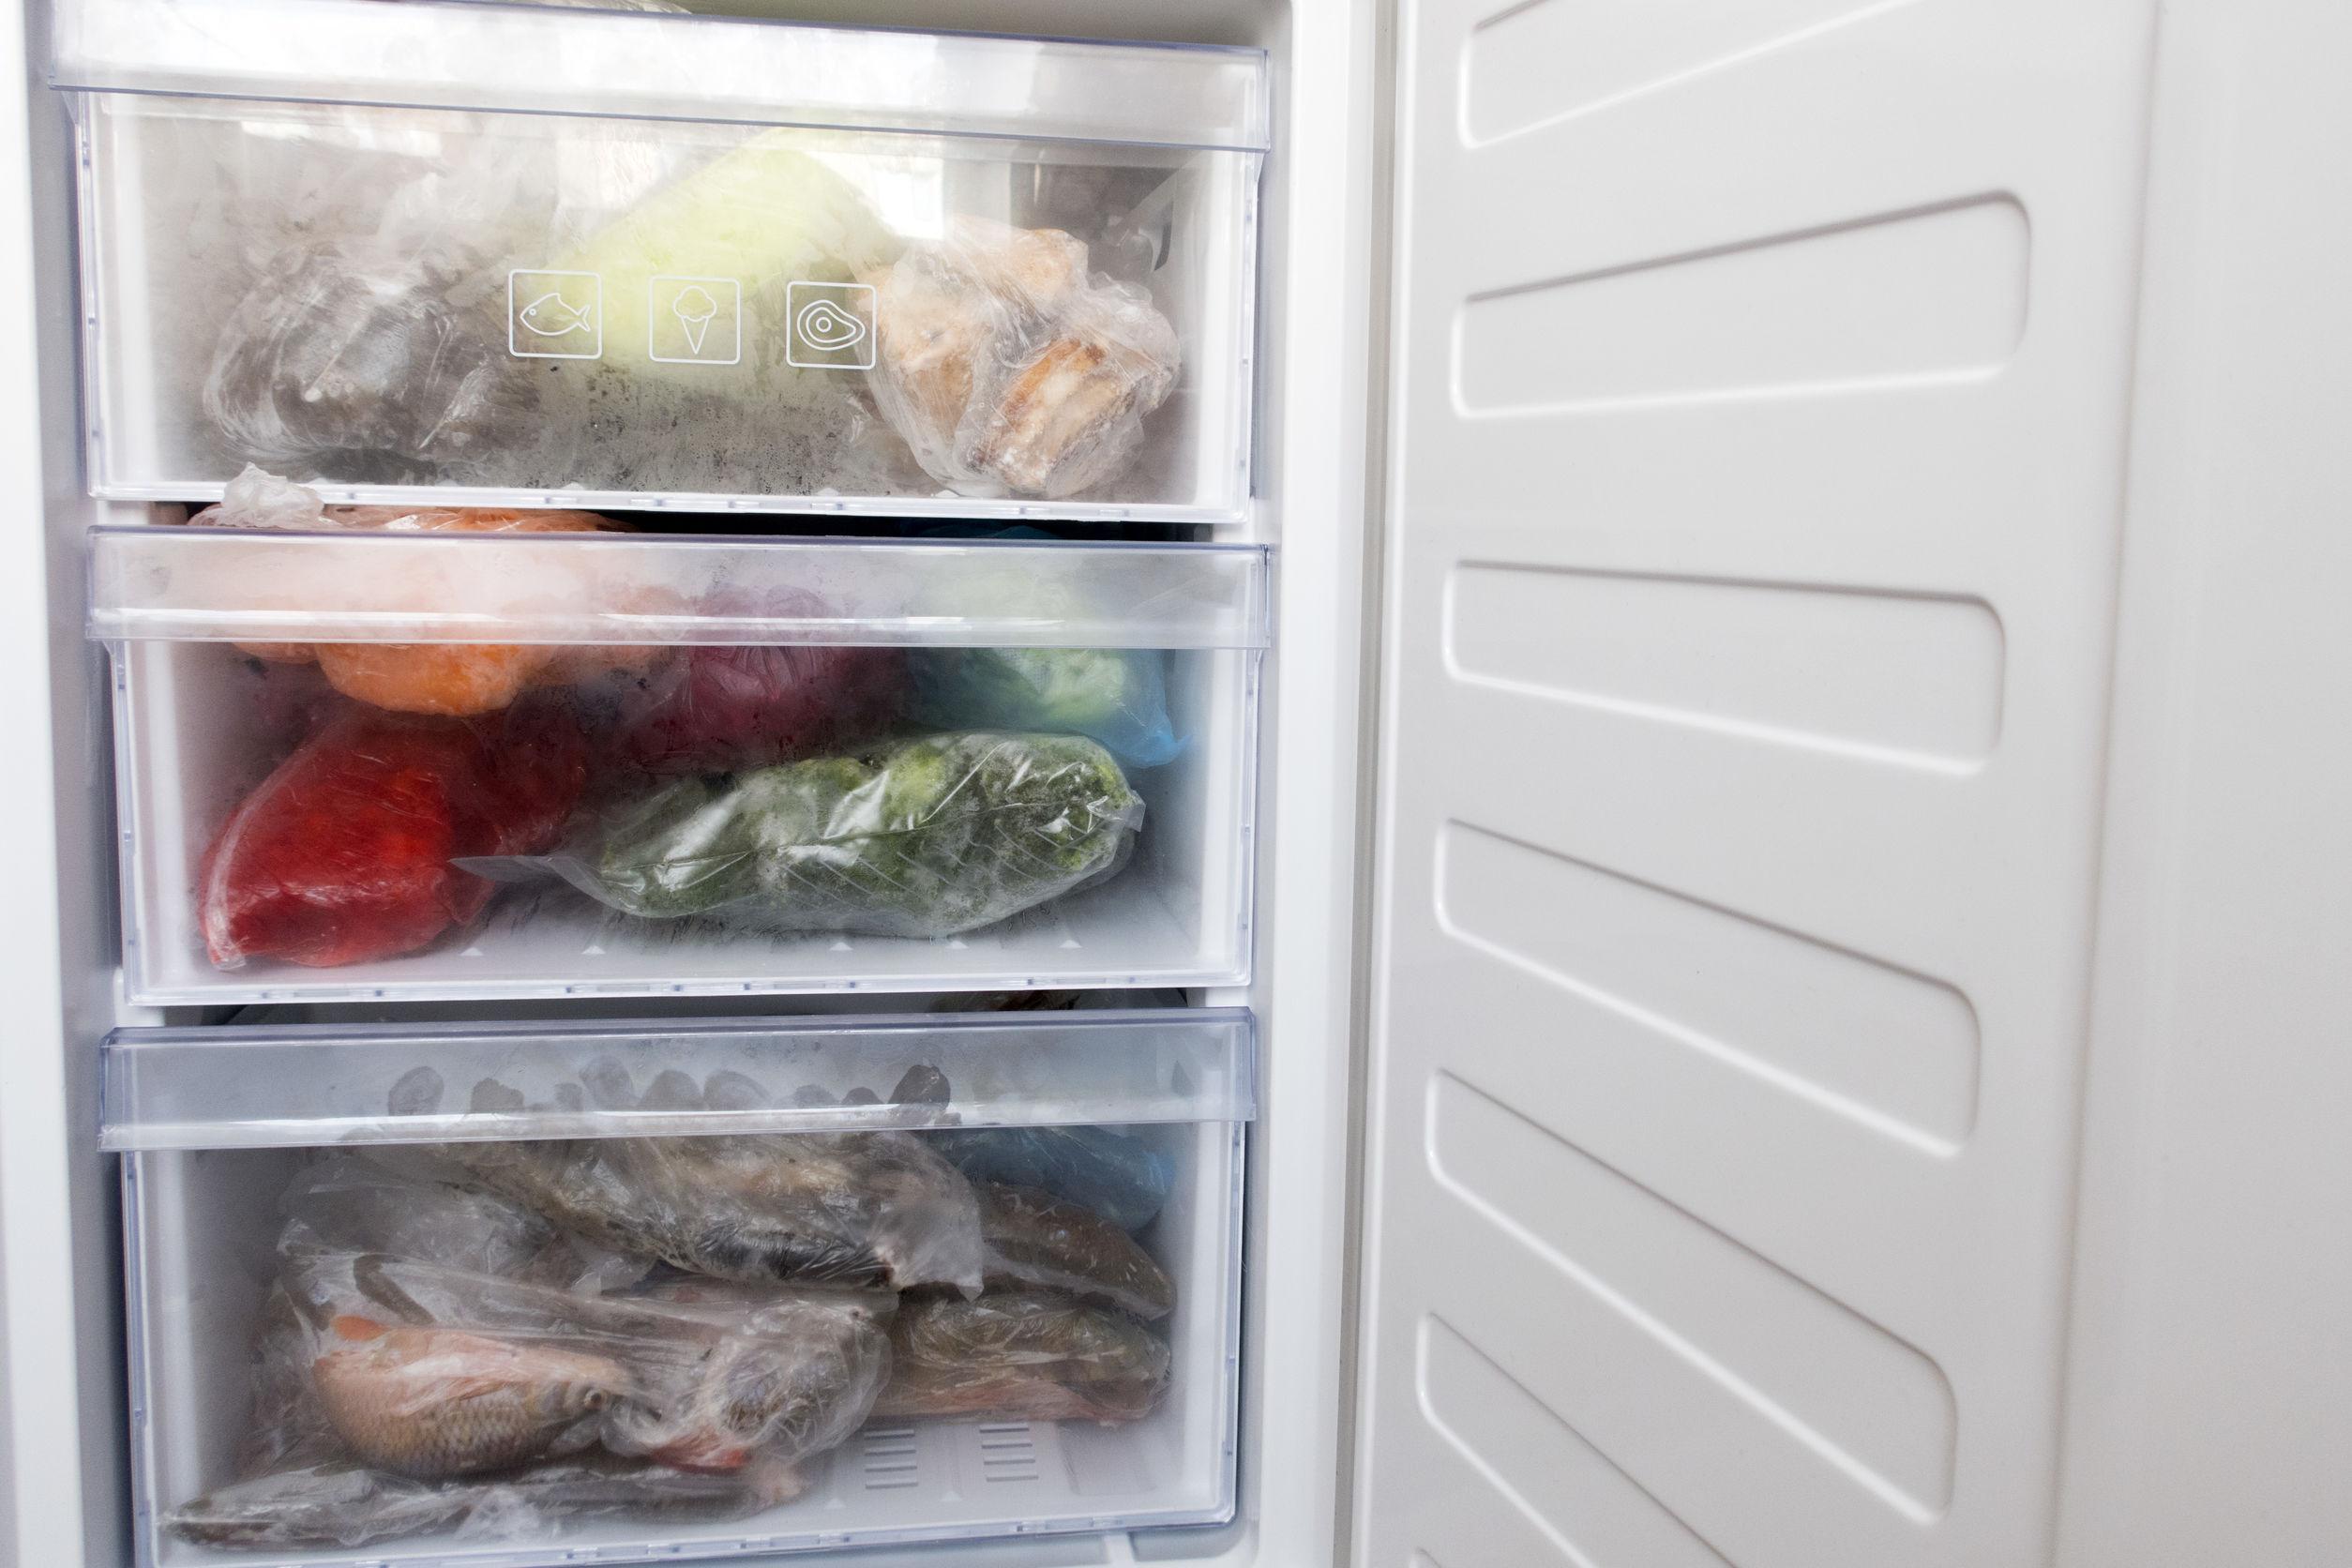 Freezer vertical aberto com alimentos congelados no interior